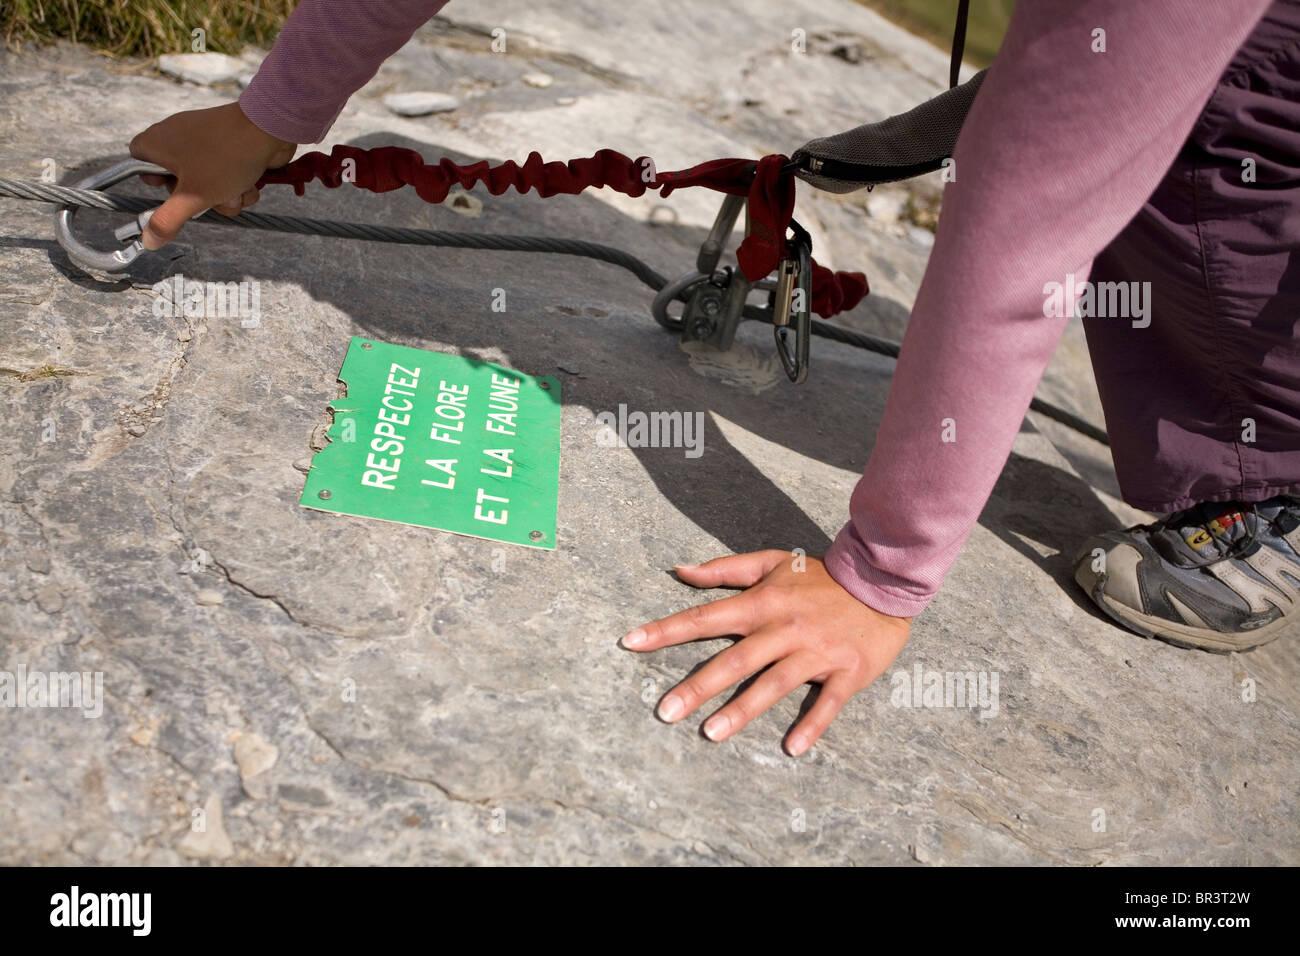 Una giovane donna si attacca al cavo imbullonato alla roccia mentre l'impegno nello sport della Via Ferrata Immagini Stock